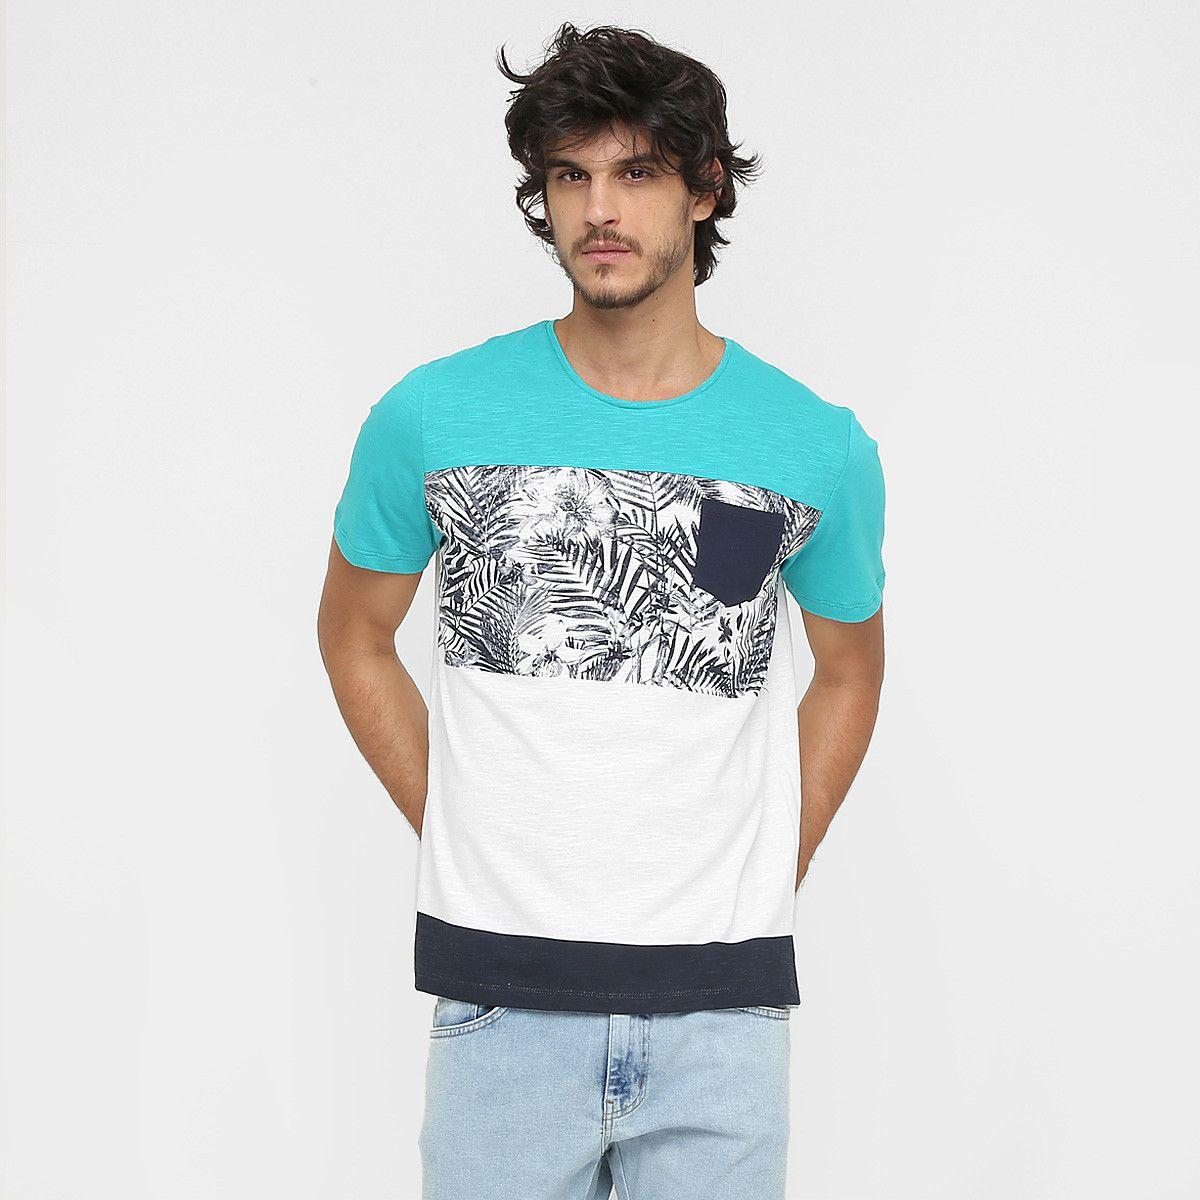 3b810ff9c Camiseta Colcci Estampada Tropical Bolso Off White e Azul